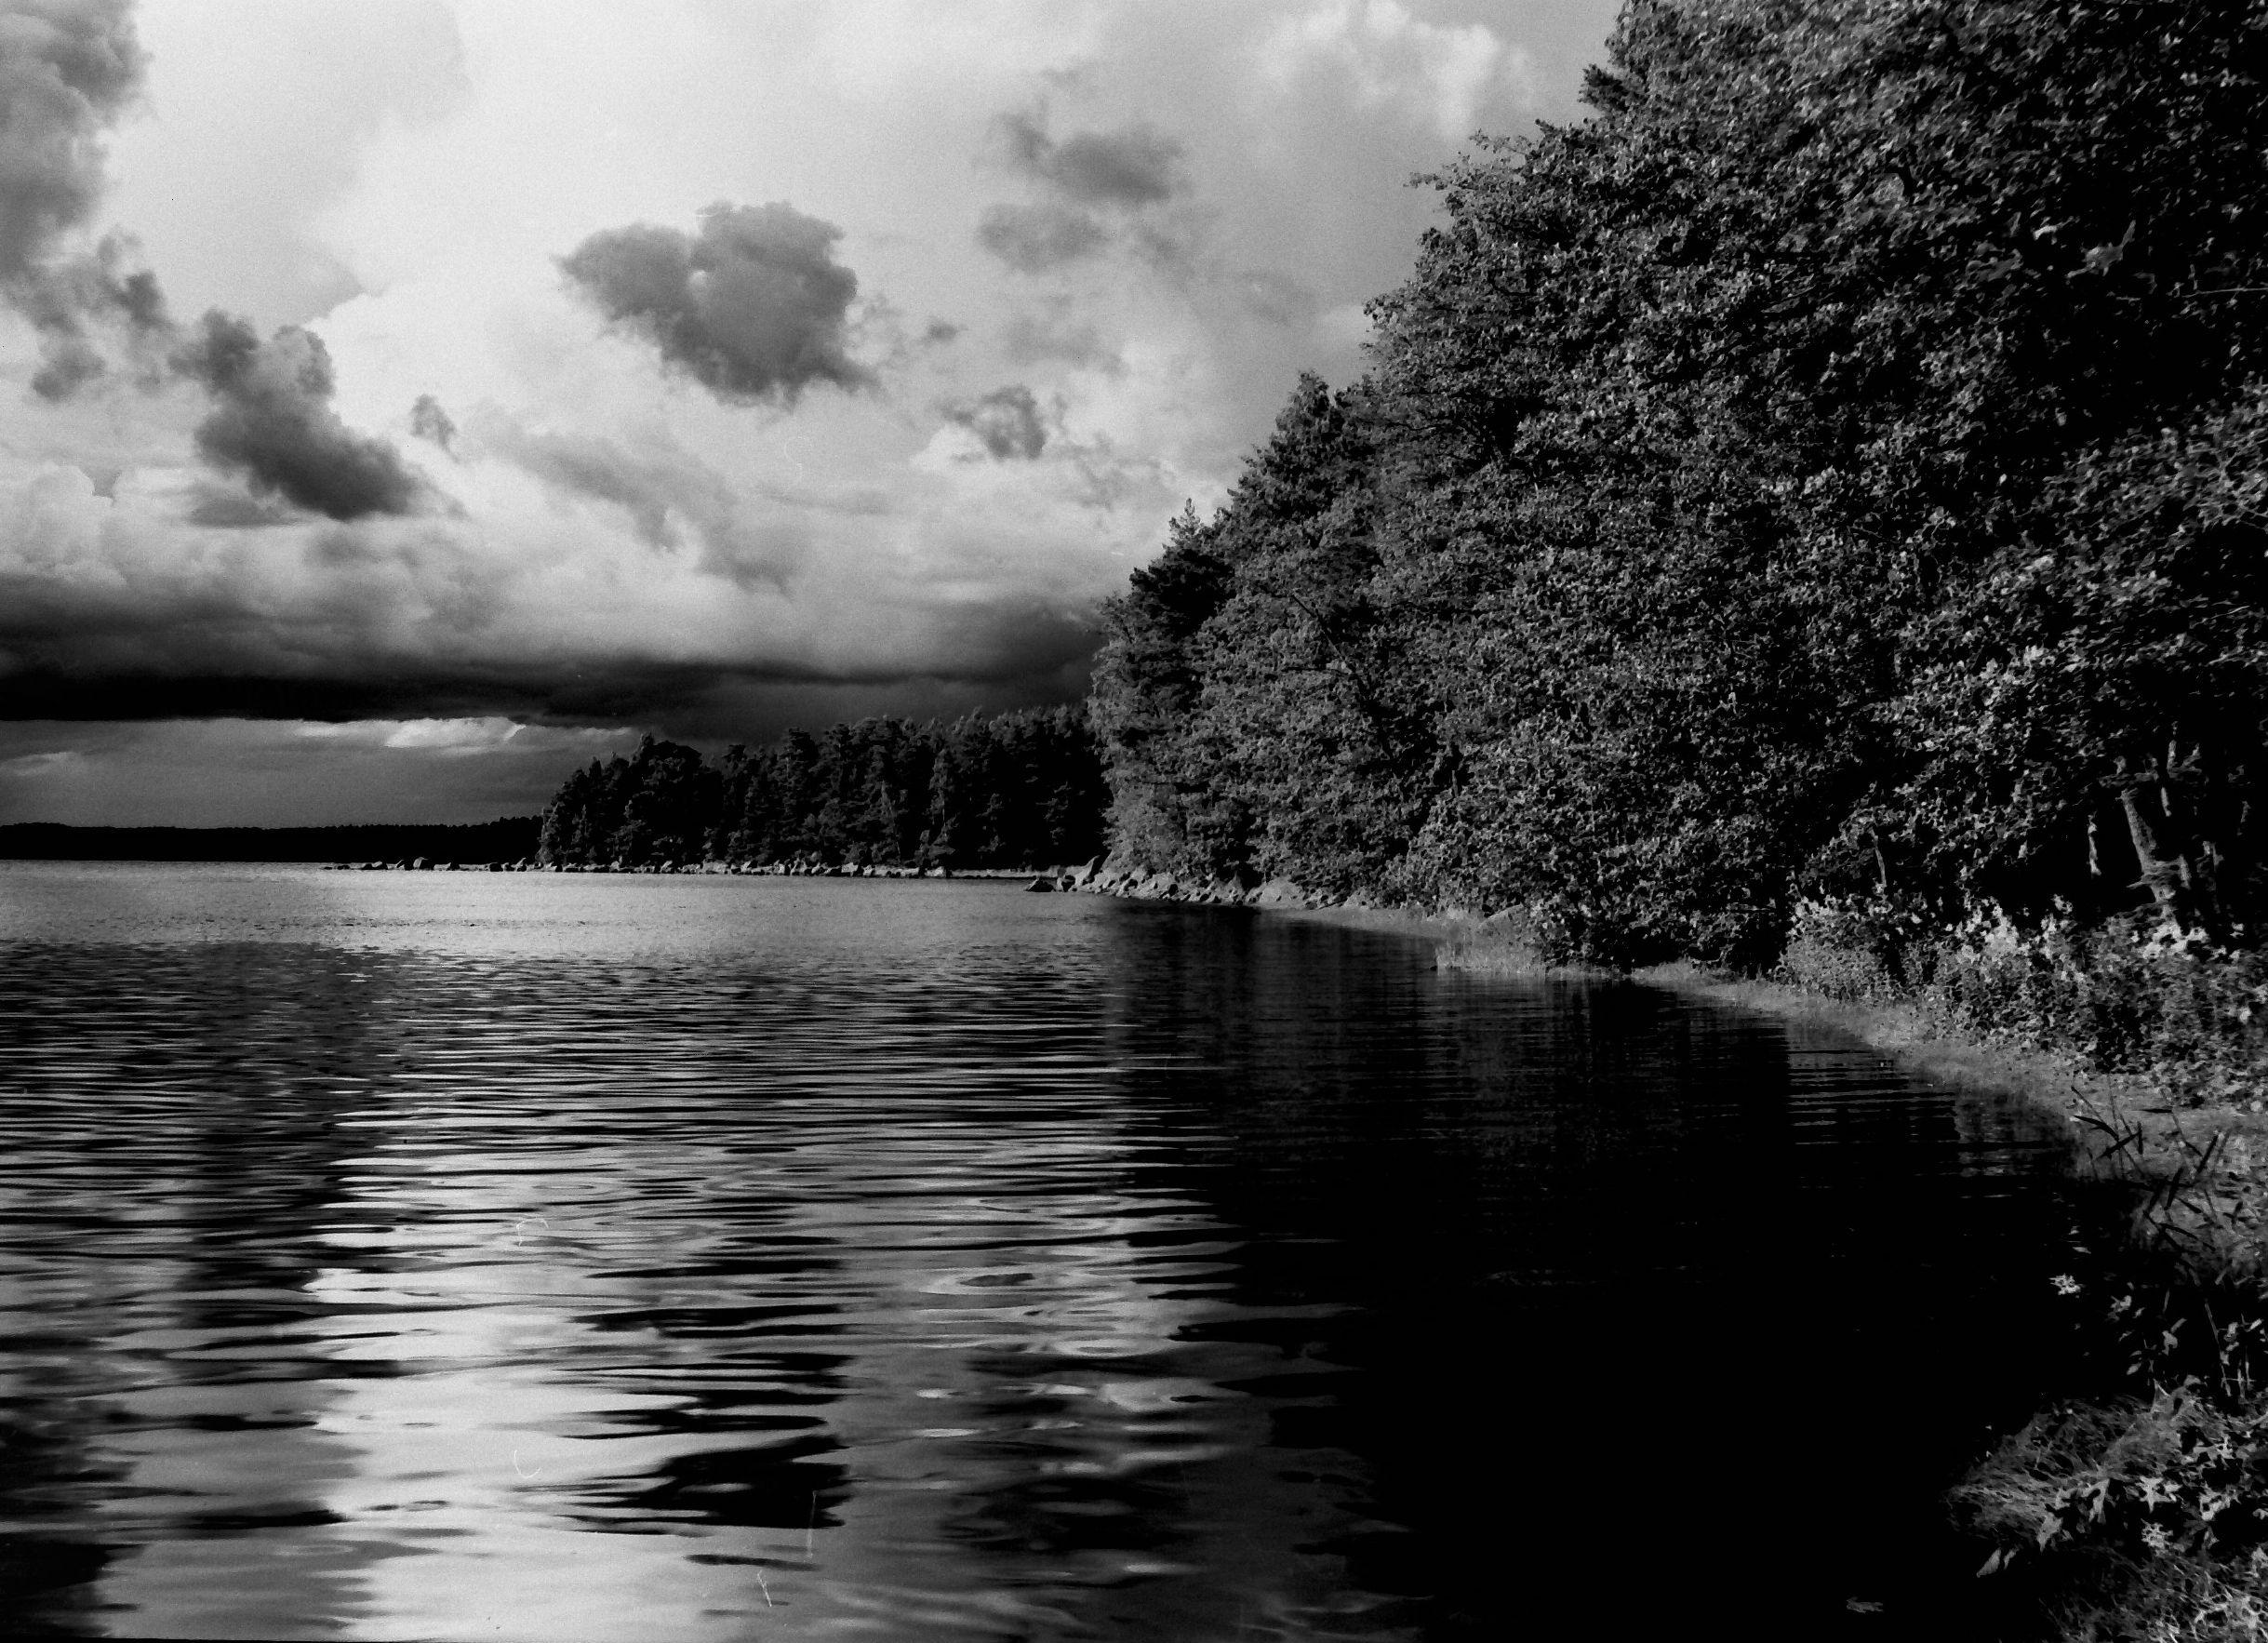 пленка, черно-белая фотография,, Домарацкий Иван